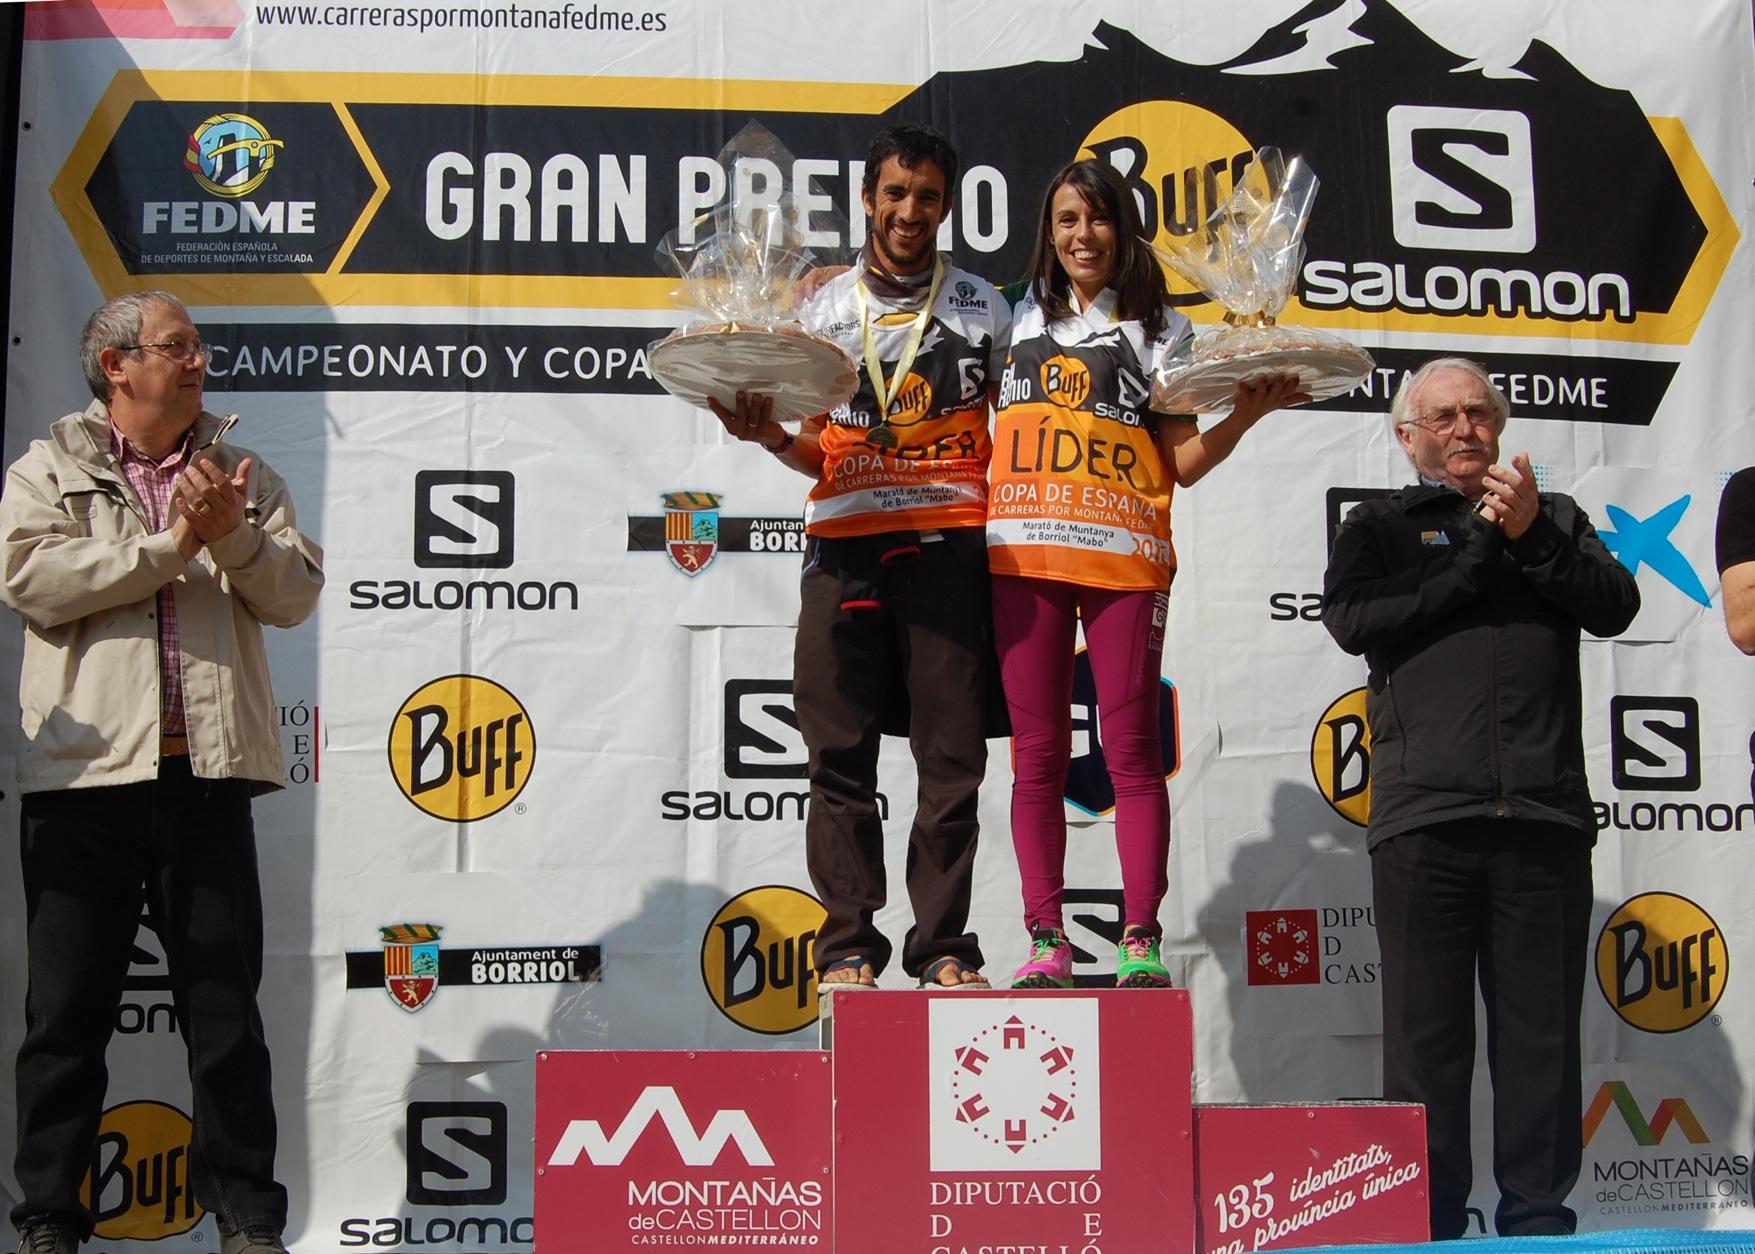 Gemma Arenas y Zaid Ait Malek líderes de la Copa de España de Carreras por Montaña en Línea GP - BUFF® Salomon tras imponerse en la Marató de Borriol